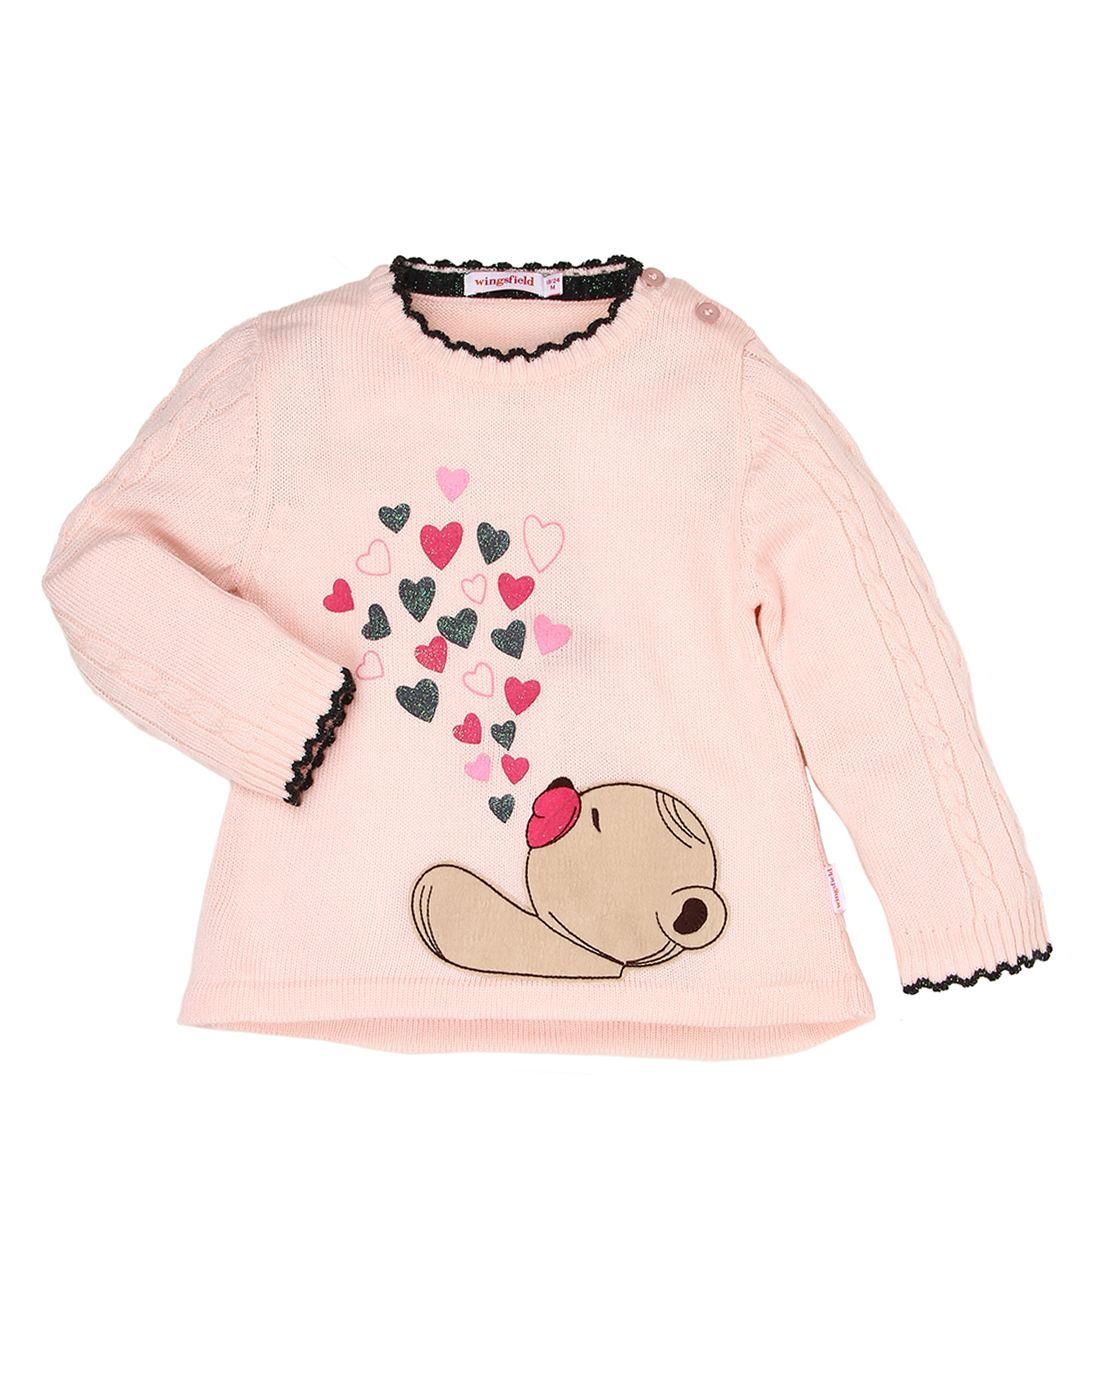 Wingsfield Pink Baby Girl Winter Wear Sweater